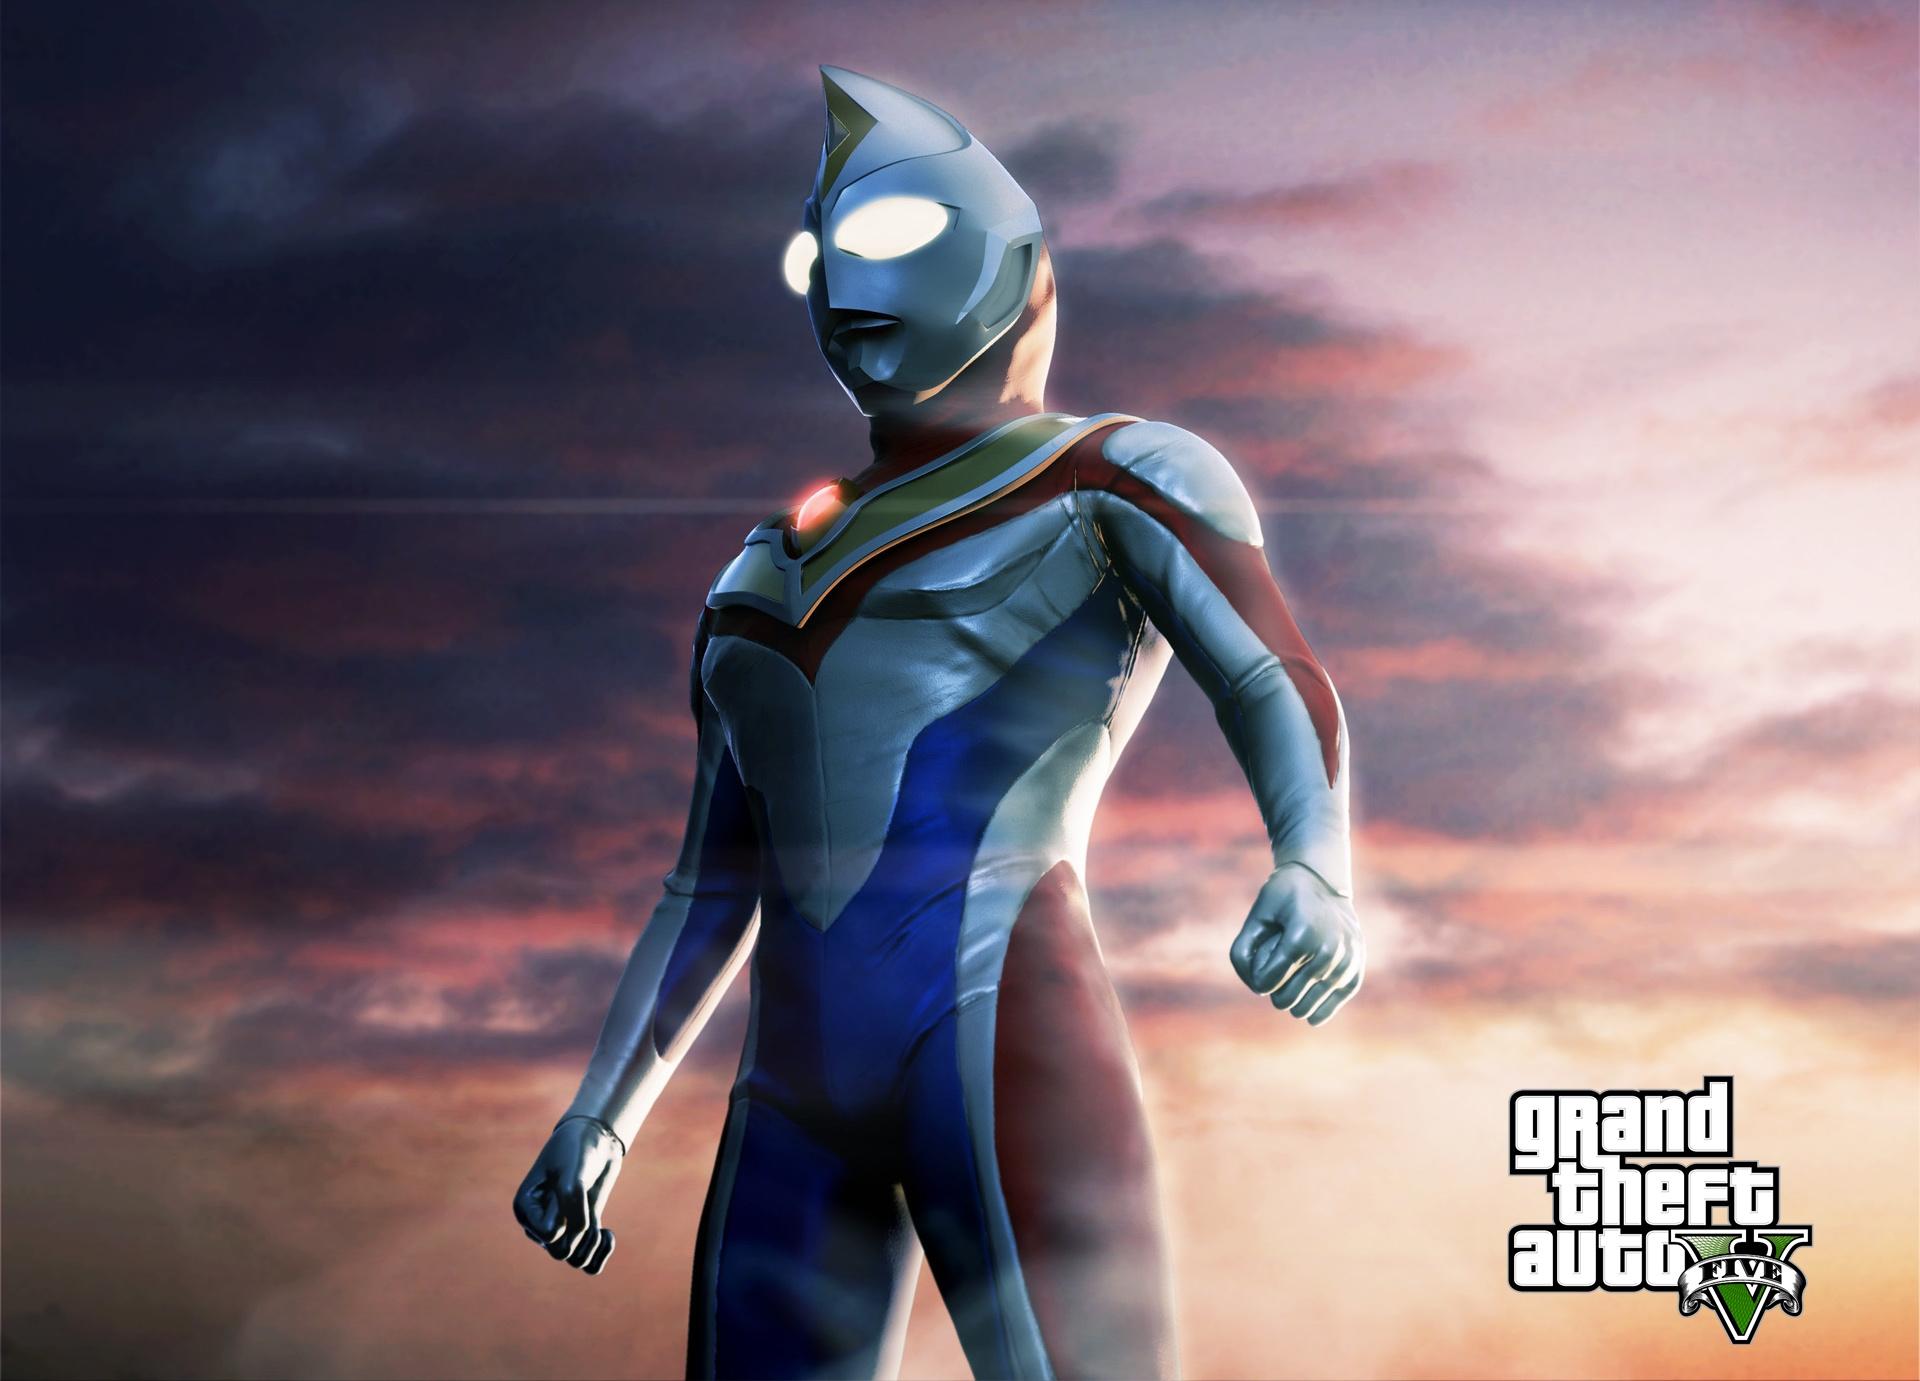 GTA5-Mods.com